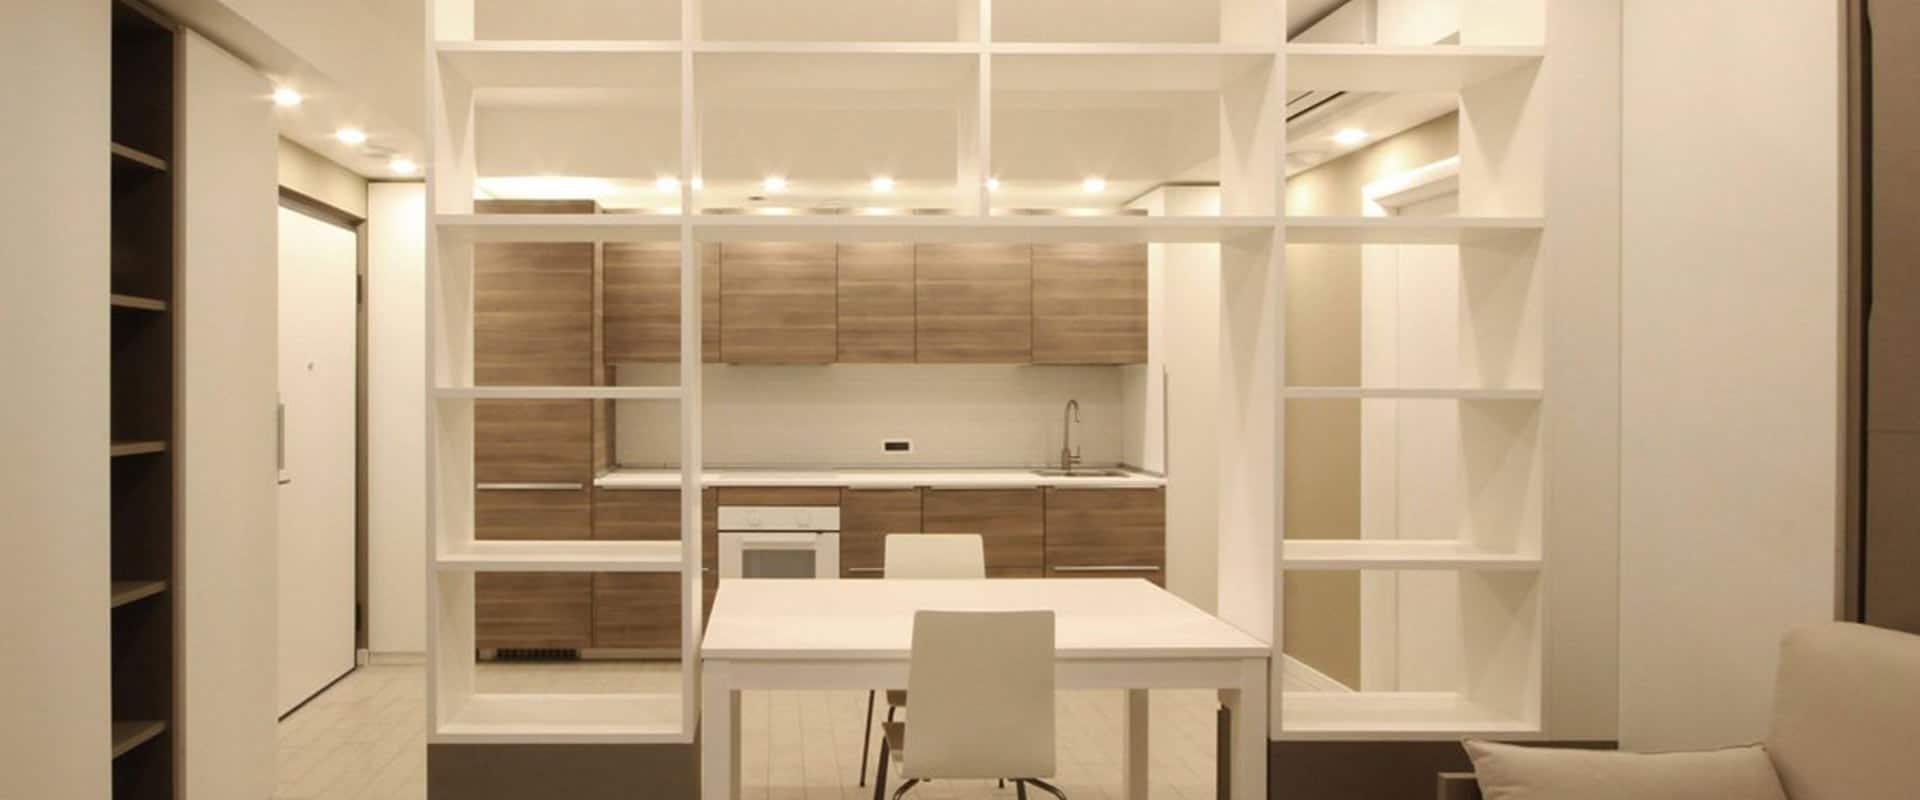 Ristrutturare Casa Milano – Arredare Casa Milano | JFD Architetto Milano